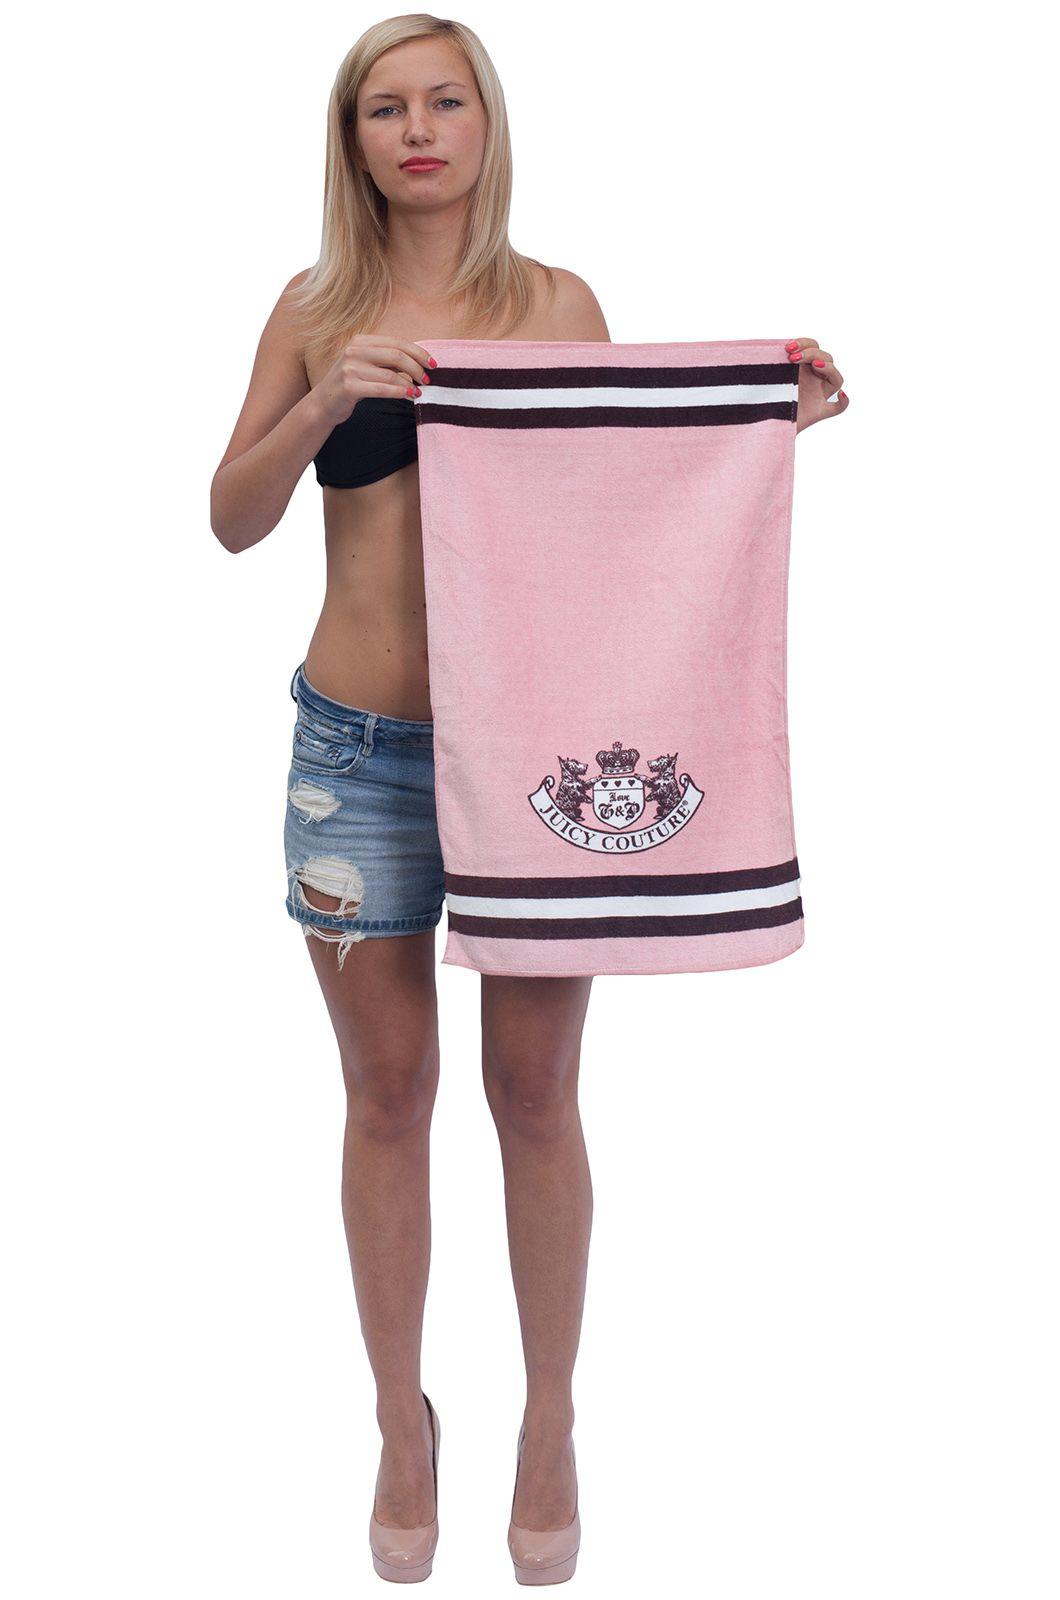 Полотенце Juicy Couture - купить в интернет-магазине